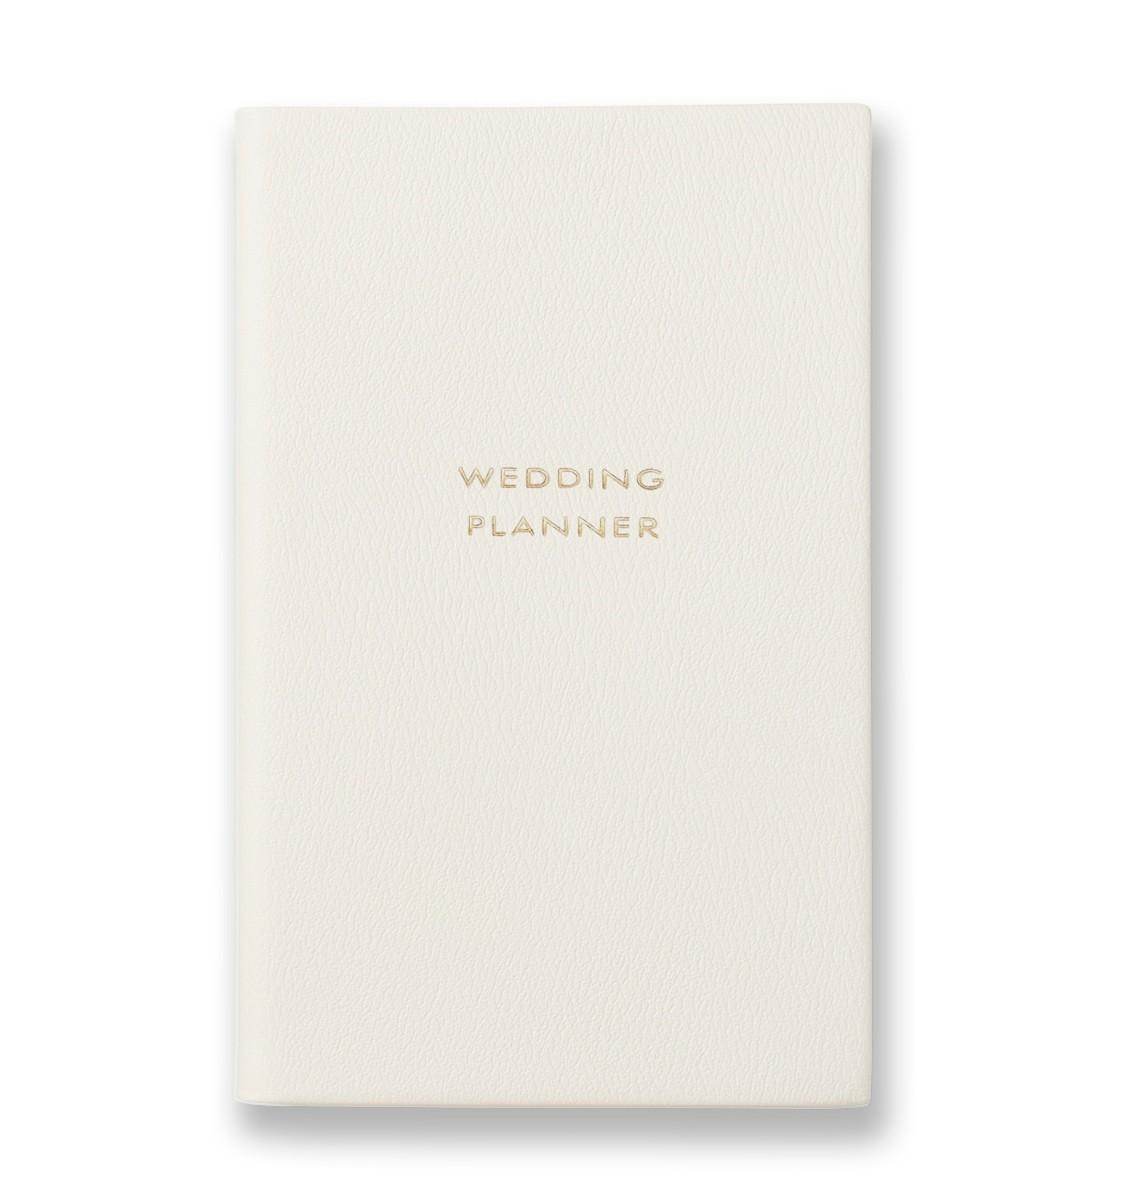 Smythson bridal planner